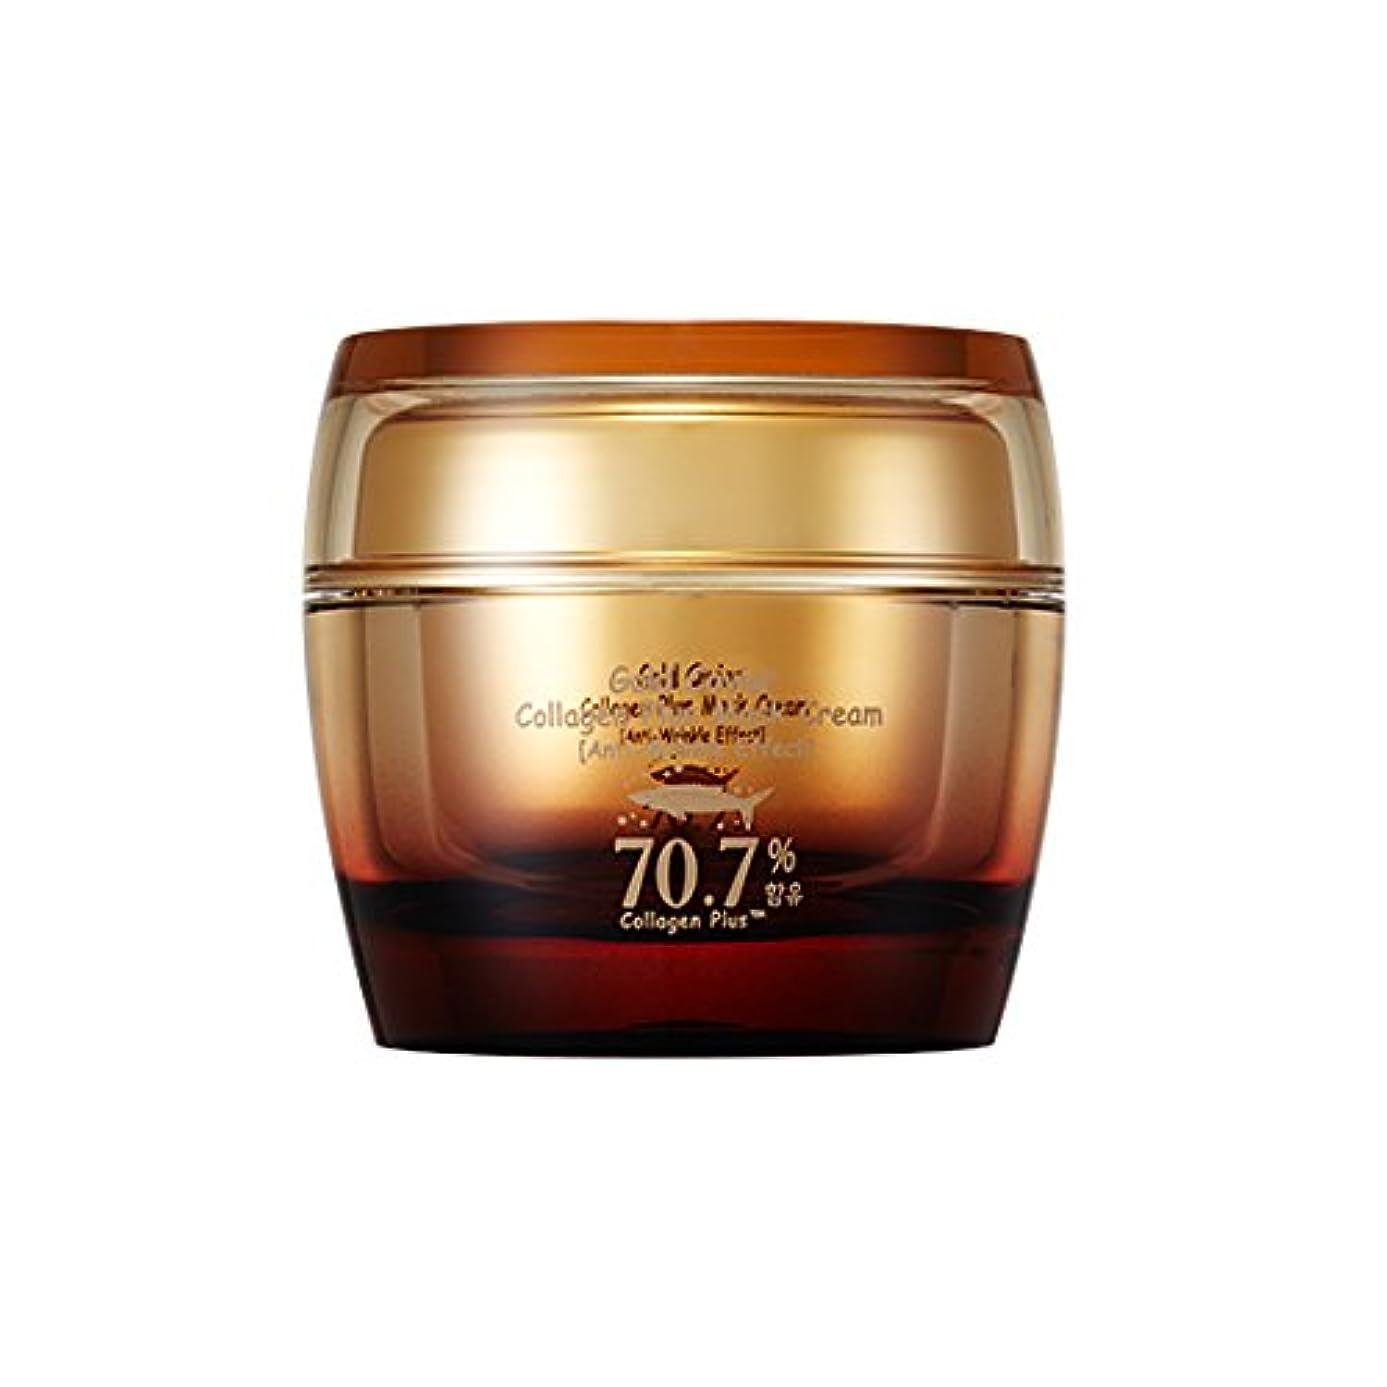 運搬パウダー不変Skinfood ゴールドキャビアコラーゲンプラスクリーム(しわ防止効果) / Gold Caviar Collagen Plus Cream (Anti-Wrinkle Effect) 50g [並行輸入品]